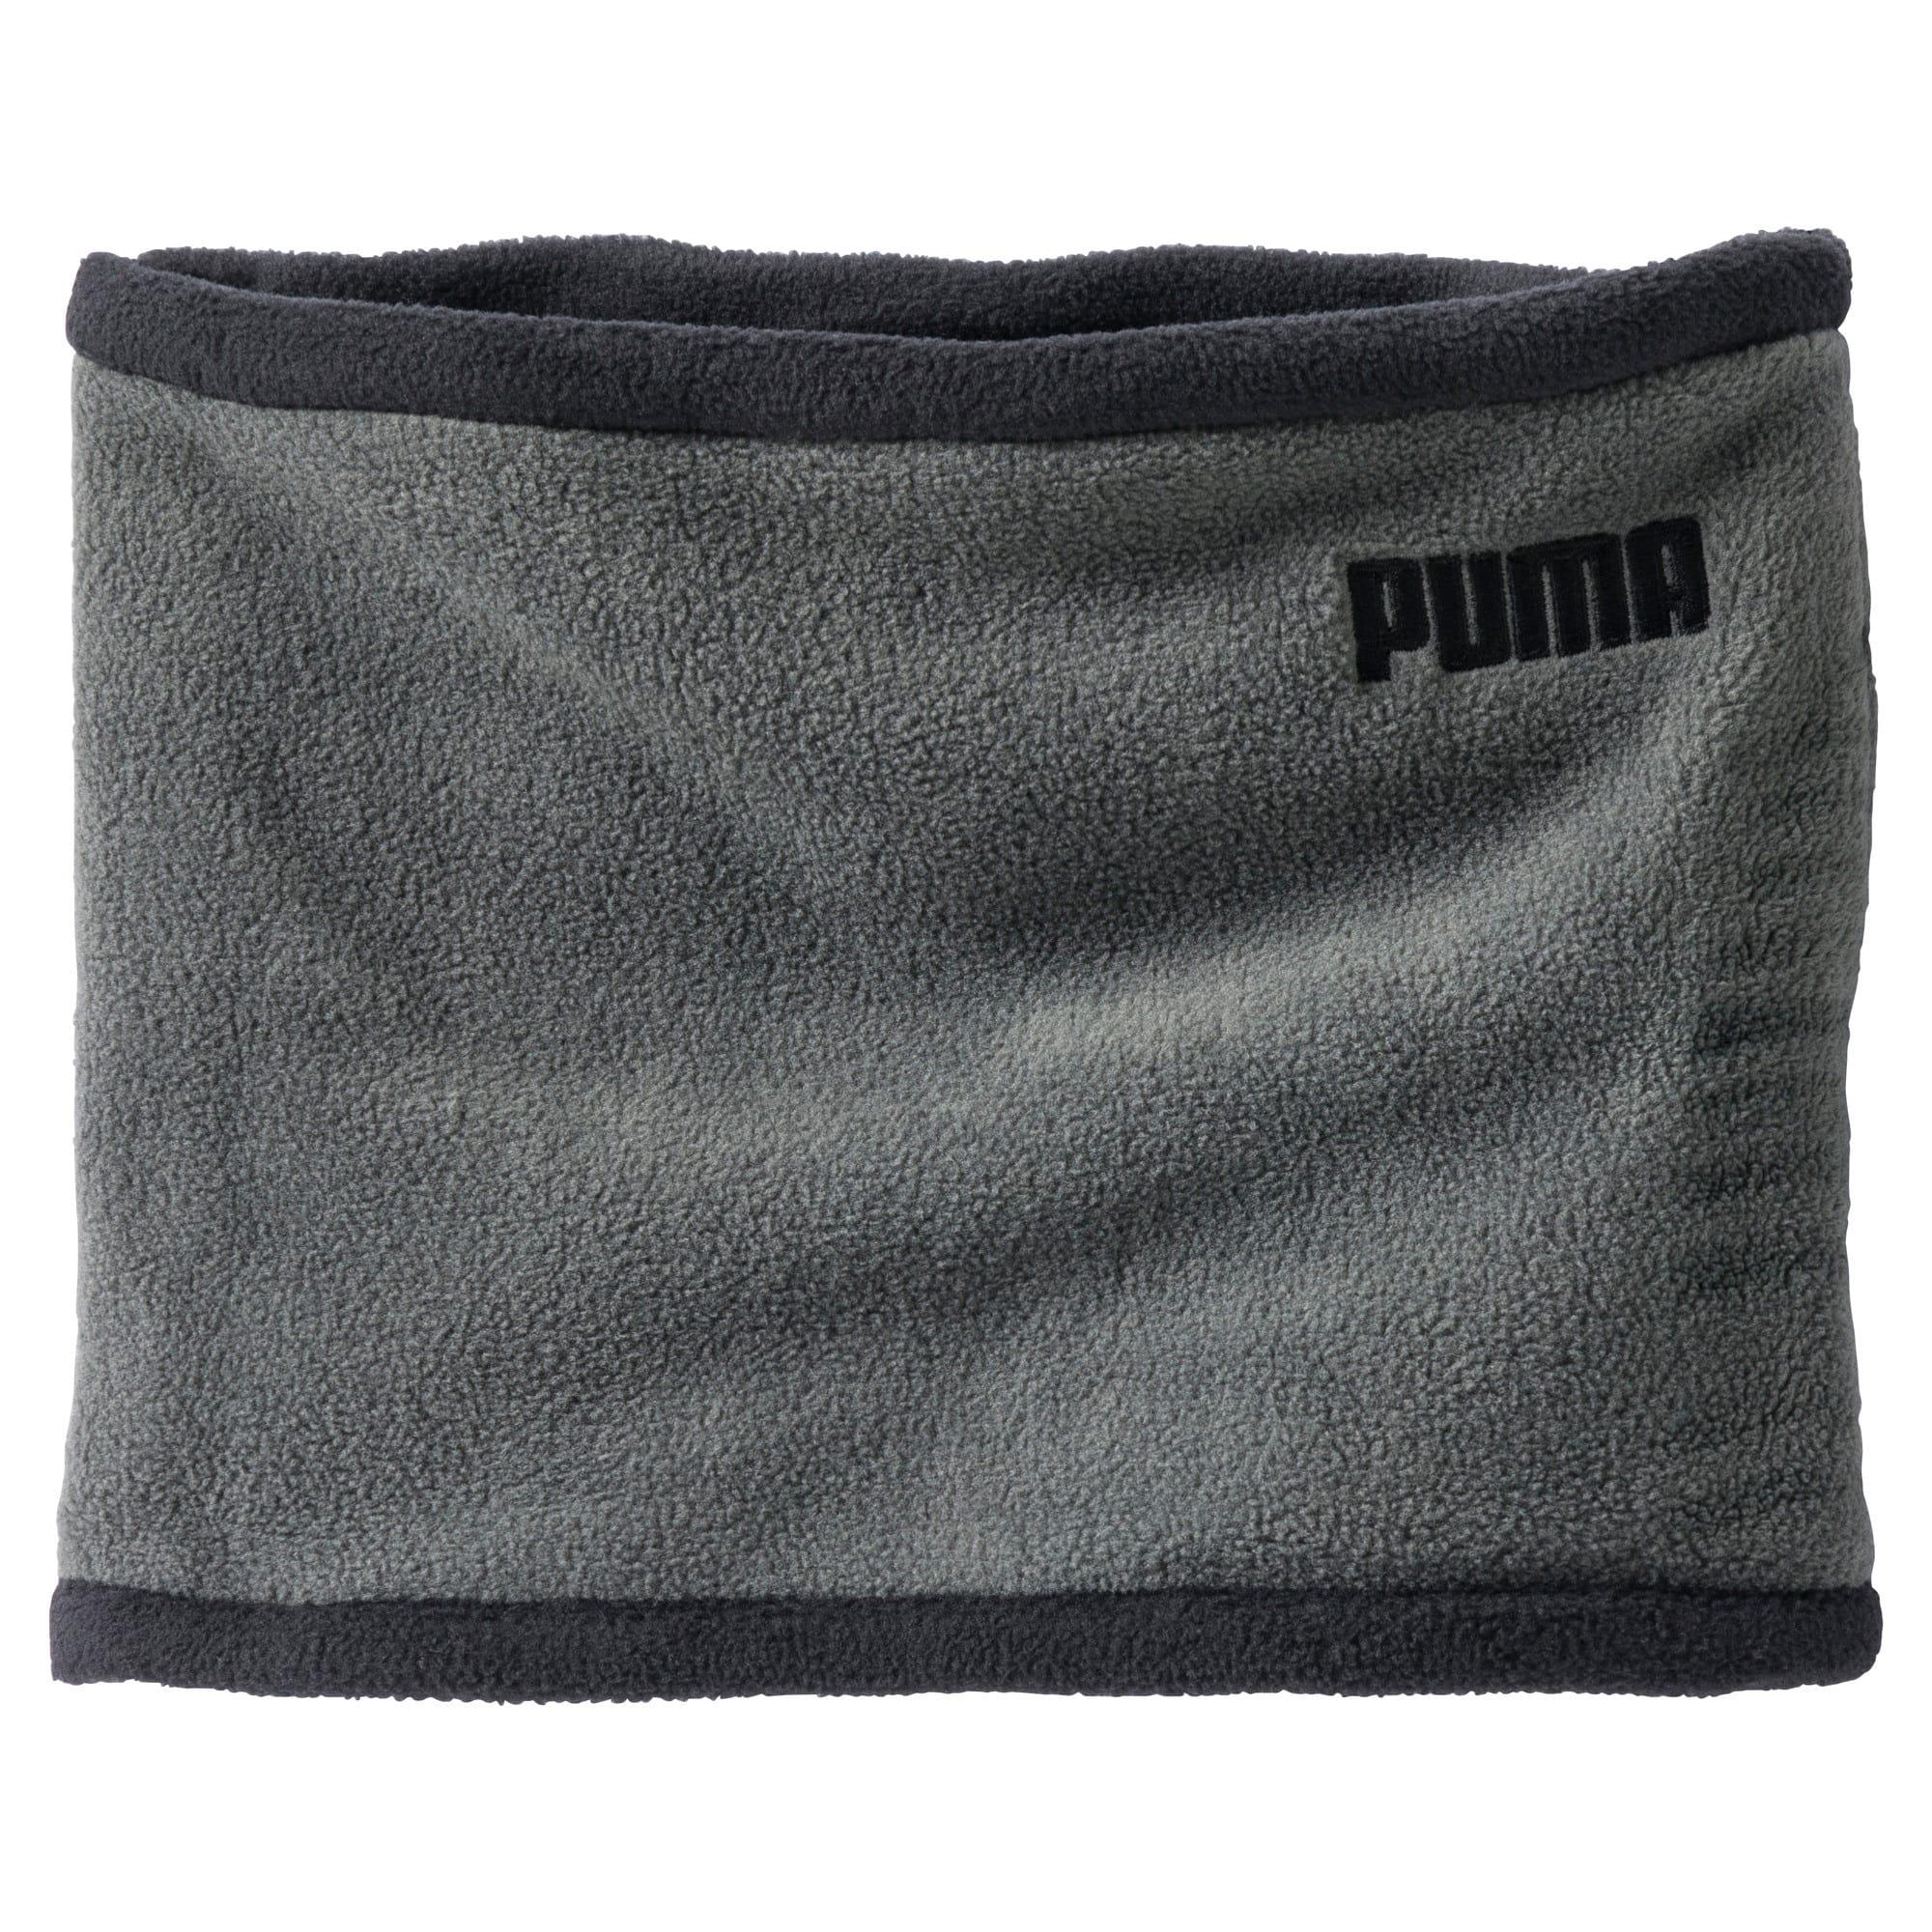 Thumbnail 1 of Fleece Rever Neck Warmer, Puma Black-Dark Shadow, medium